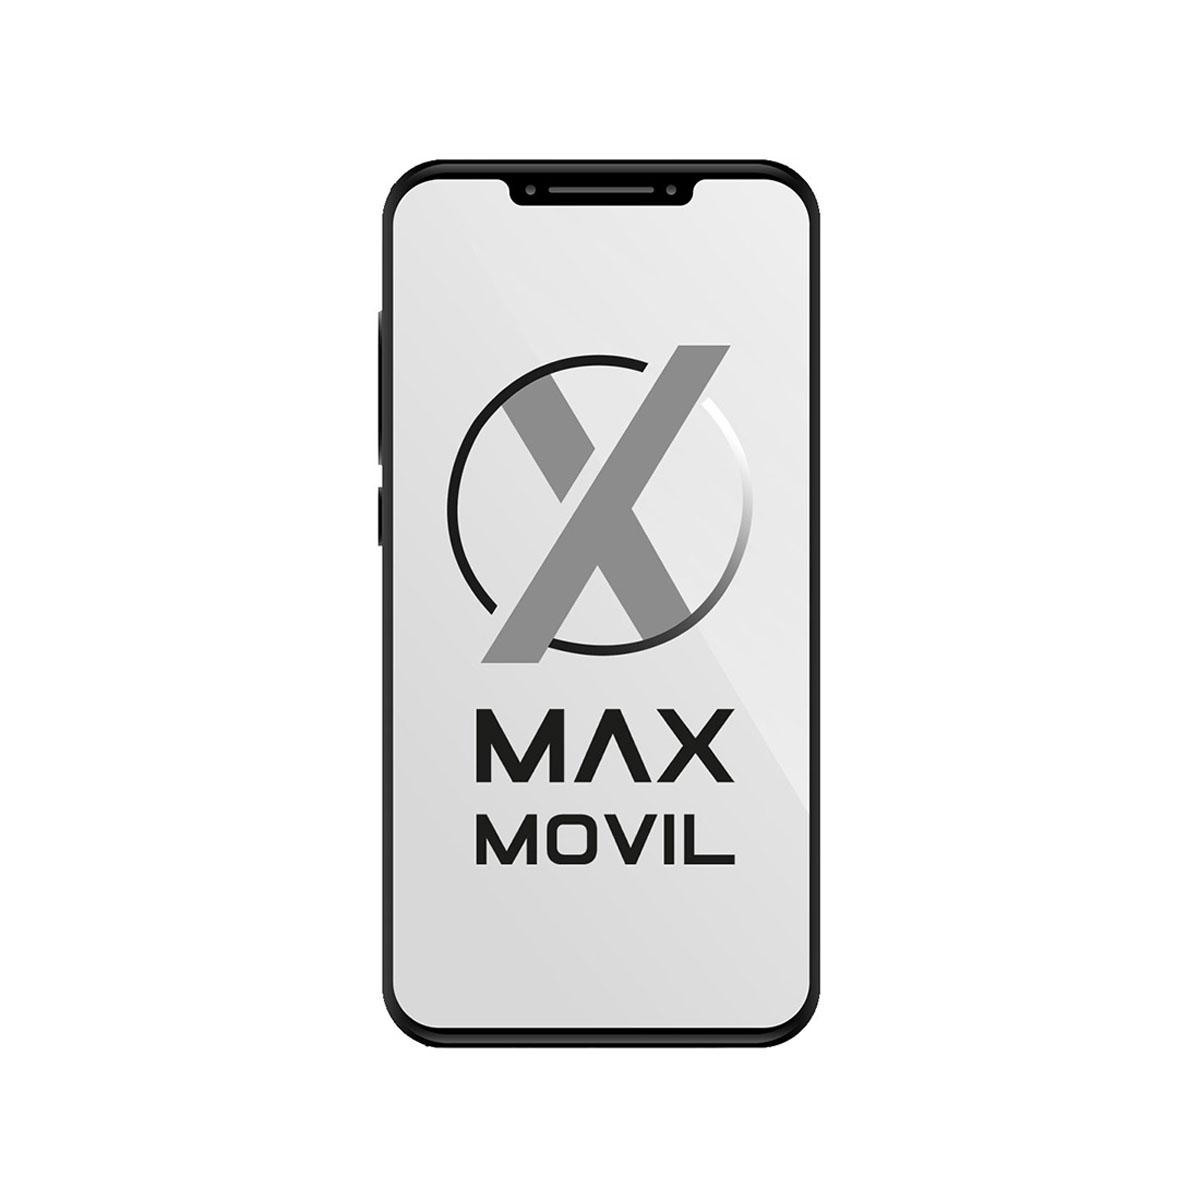 Telefono movil Iphone X 64Gb silver CPO ECORECICLADO GRADO A